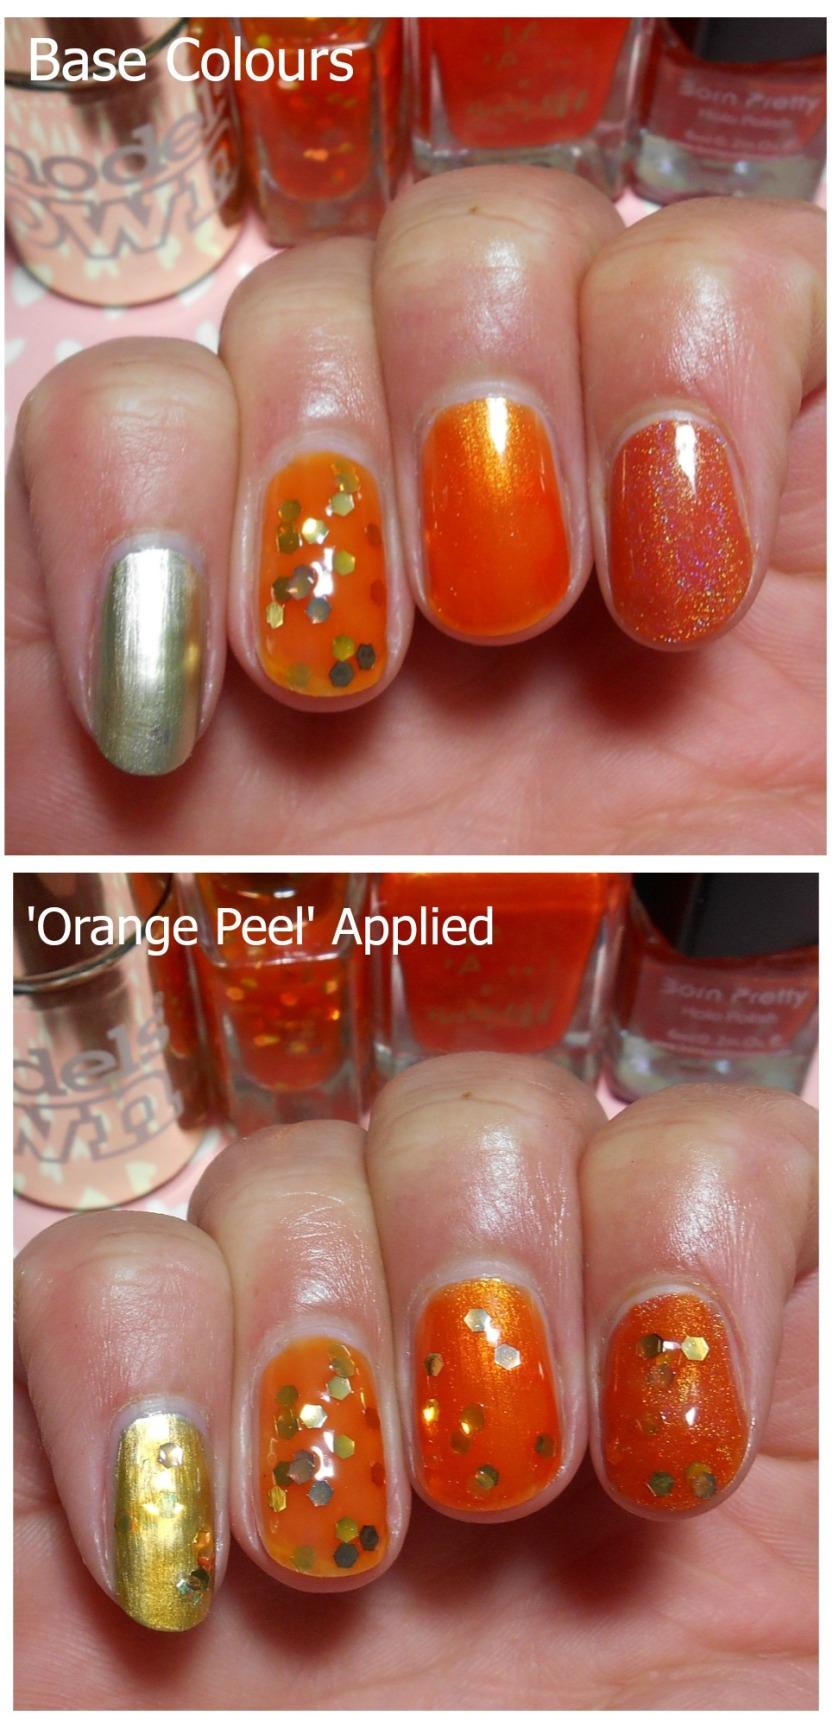 OrangePeelCollage